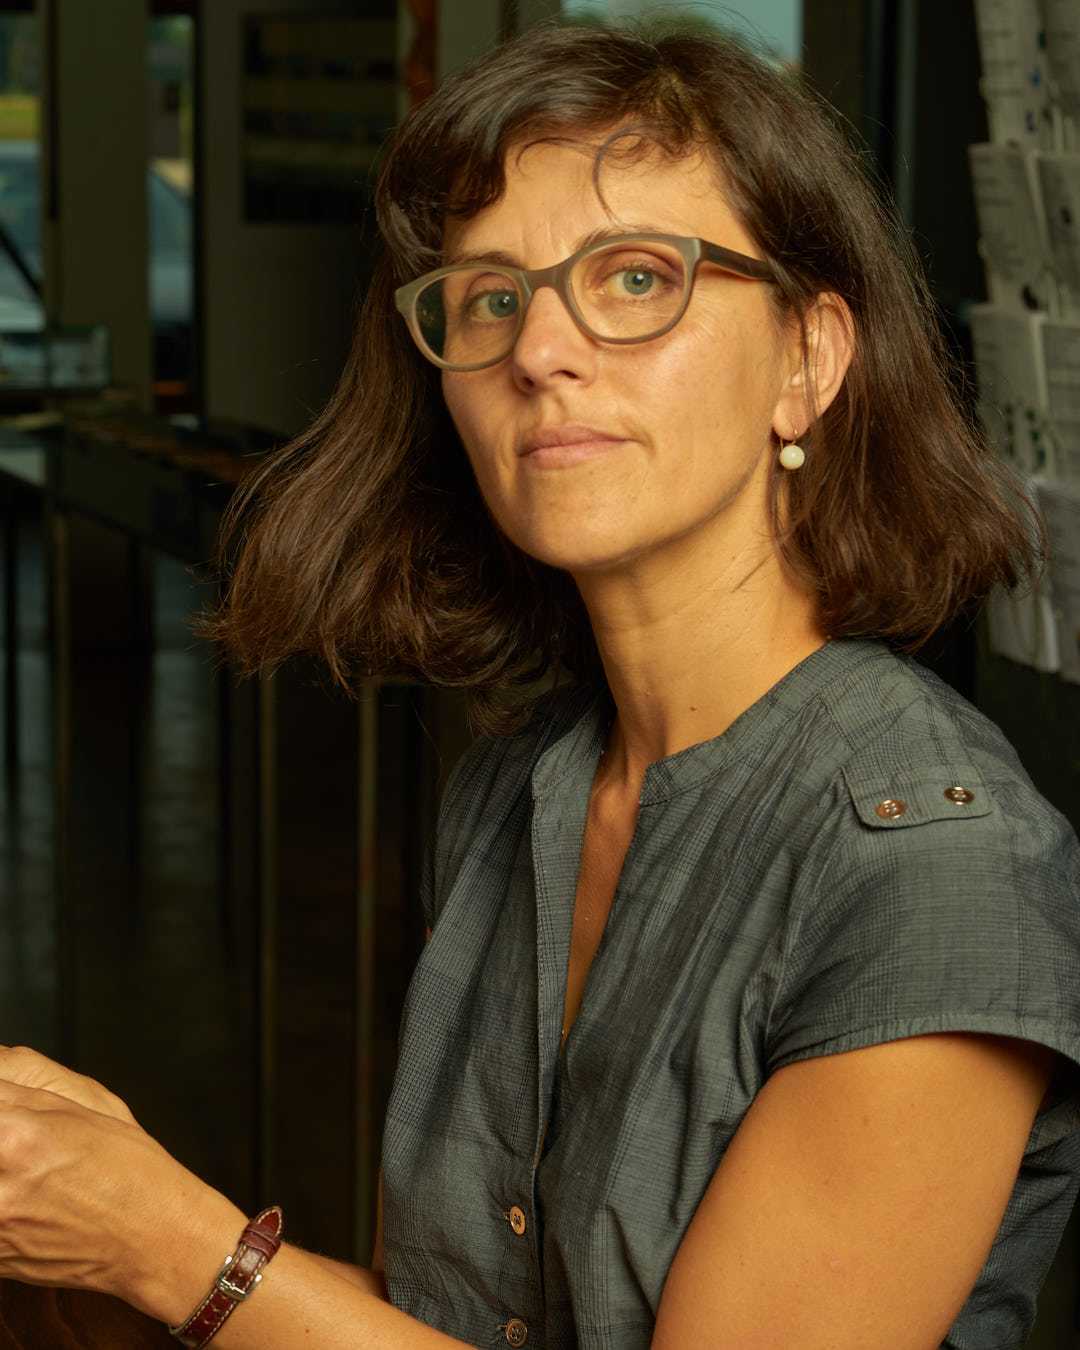 Annamaria Leiste, 2019